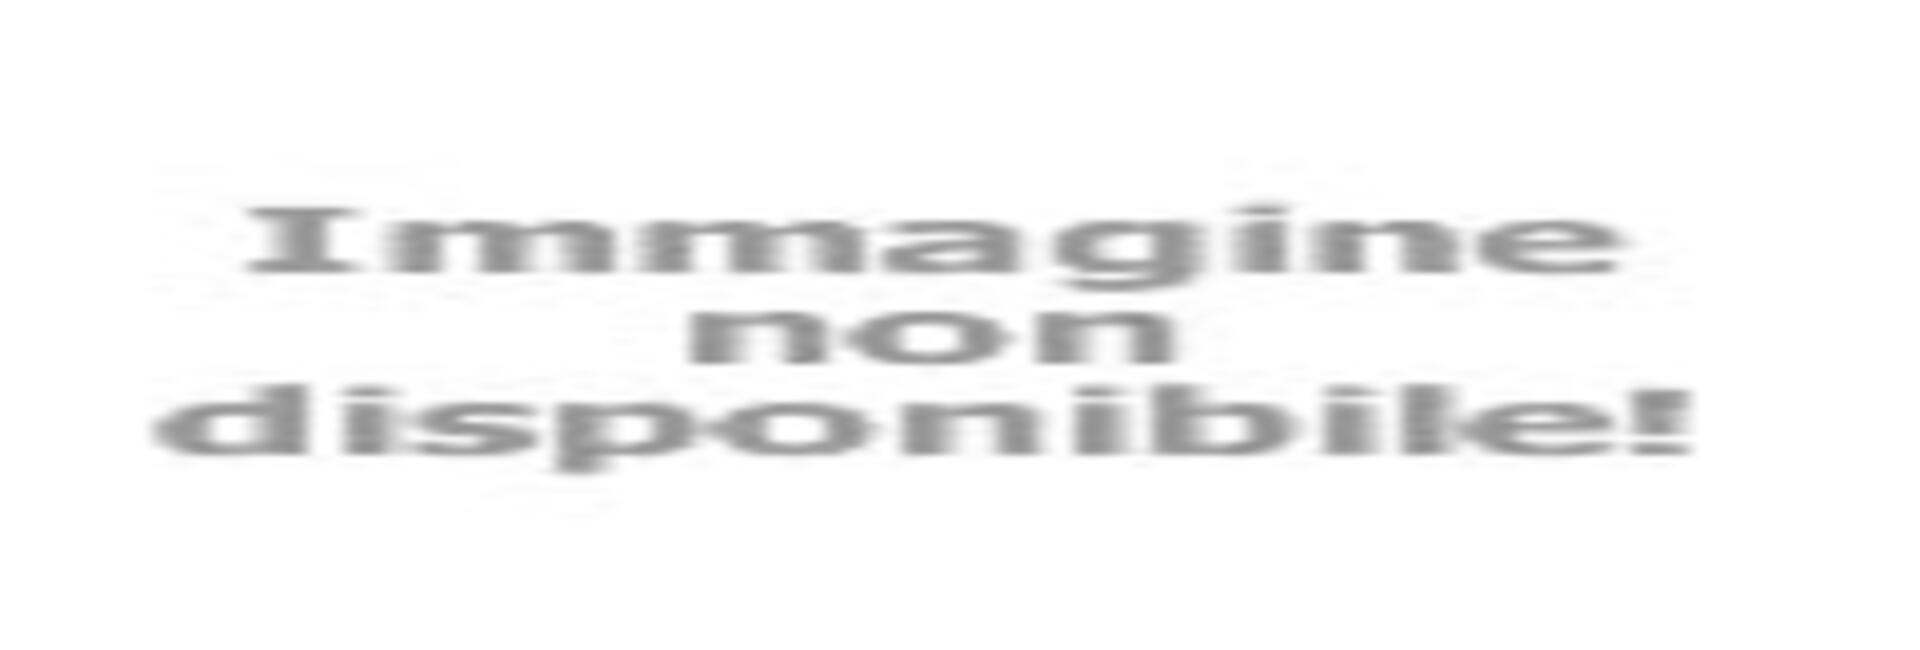 losangeleshotelriccione it servizi 004